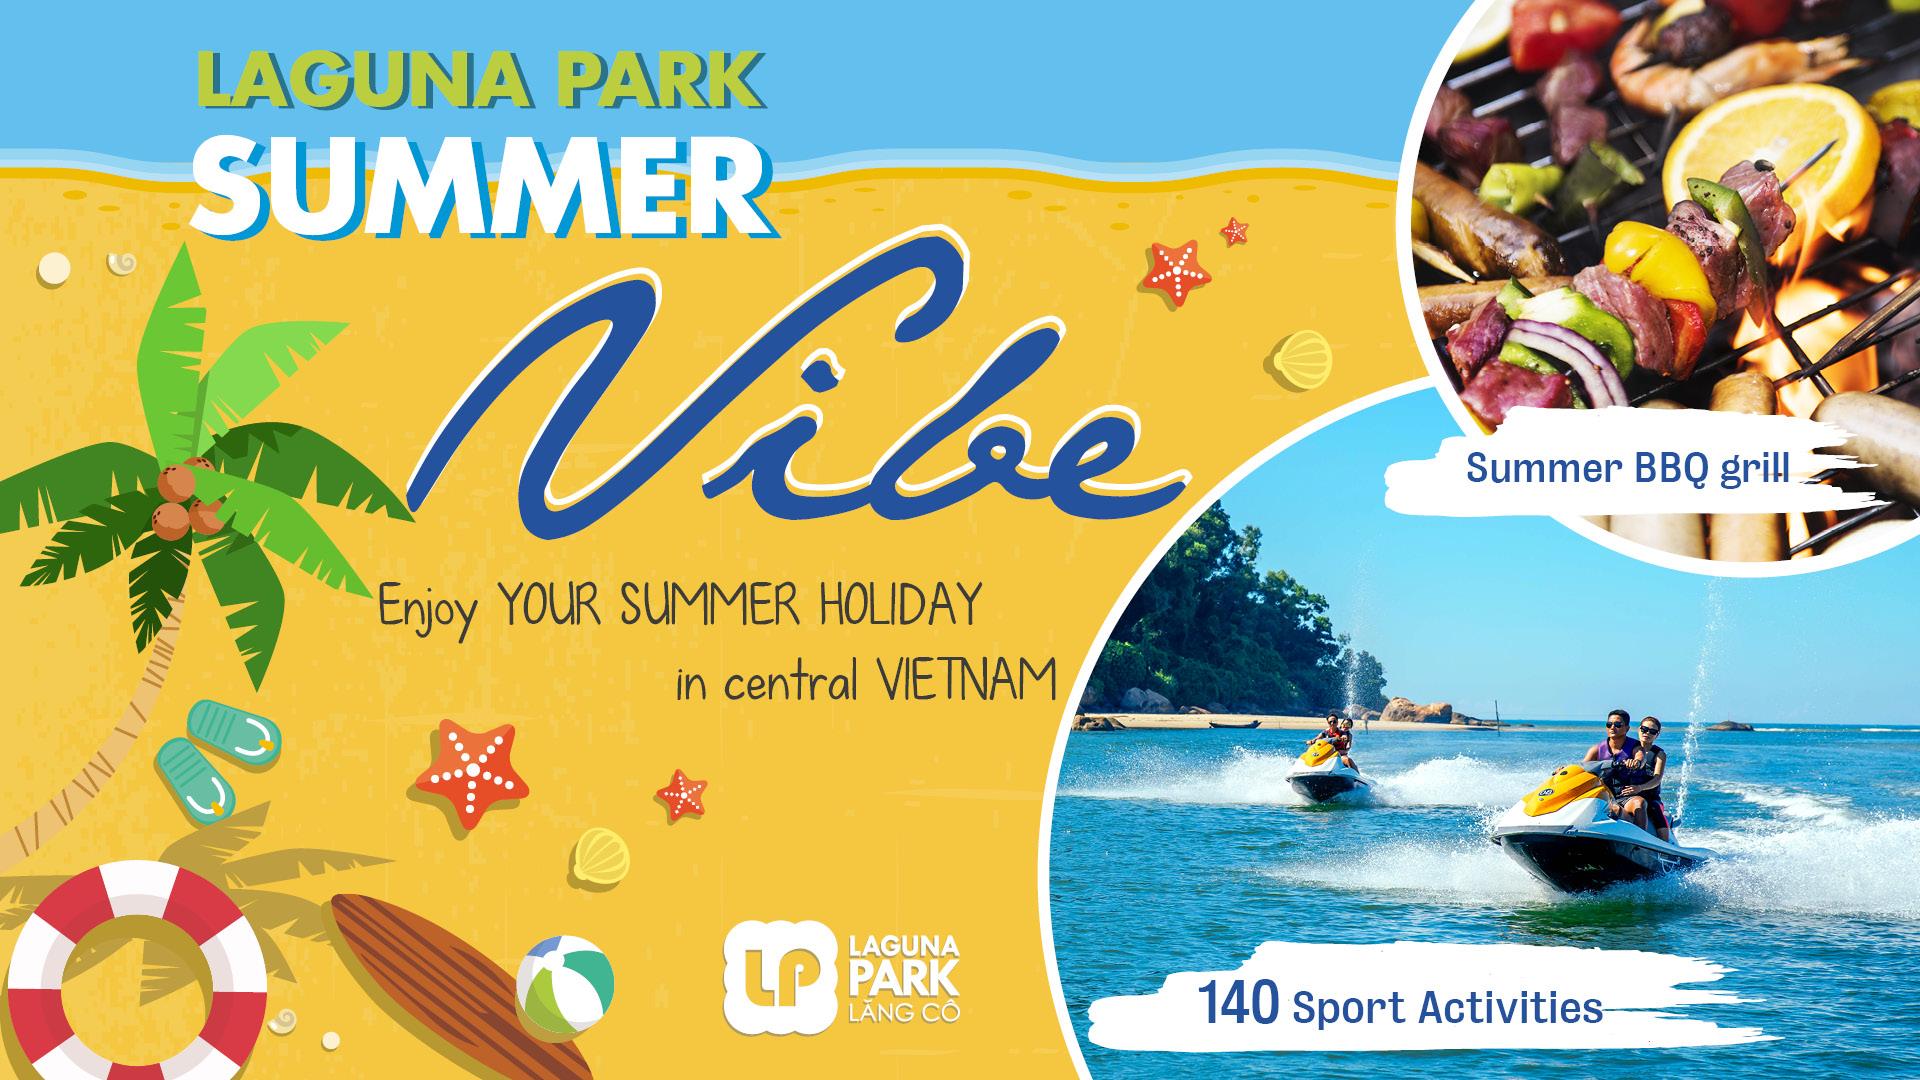 Laguna Park Summer Vibe